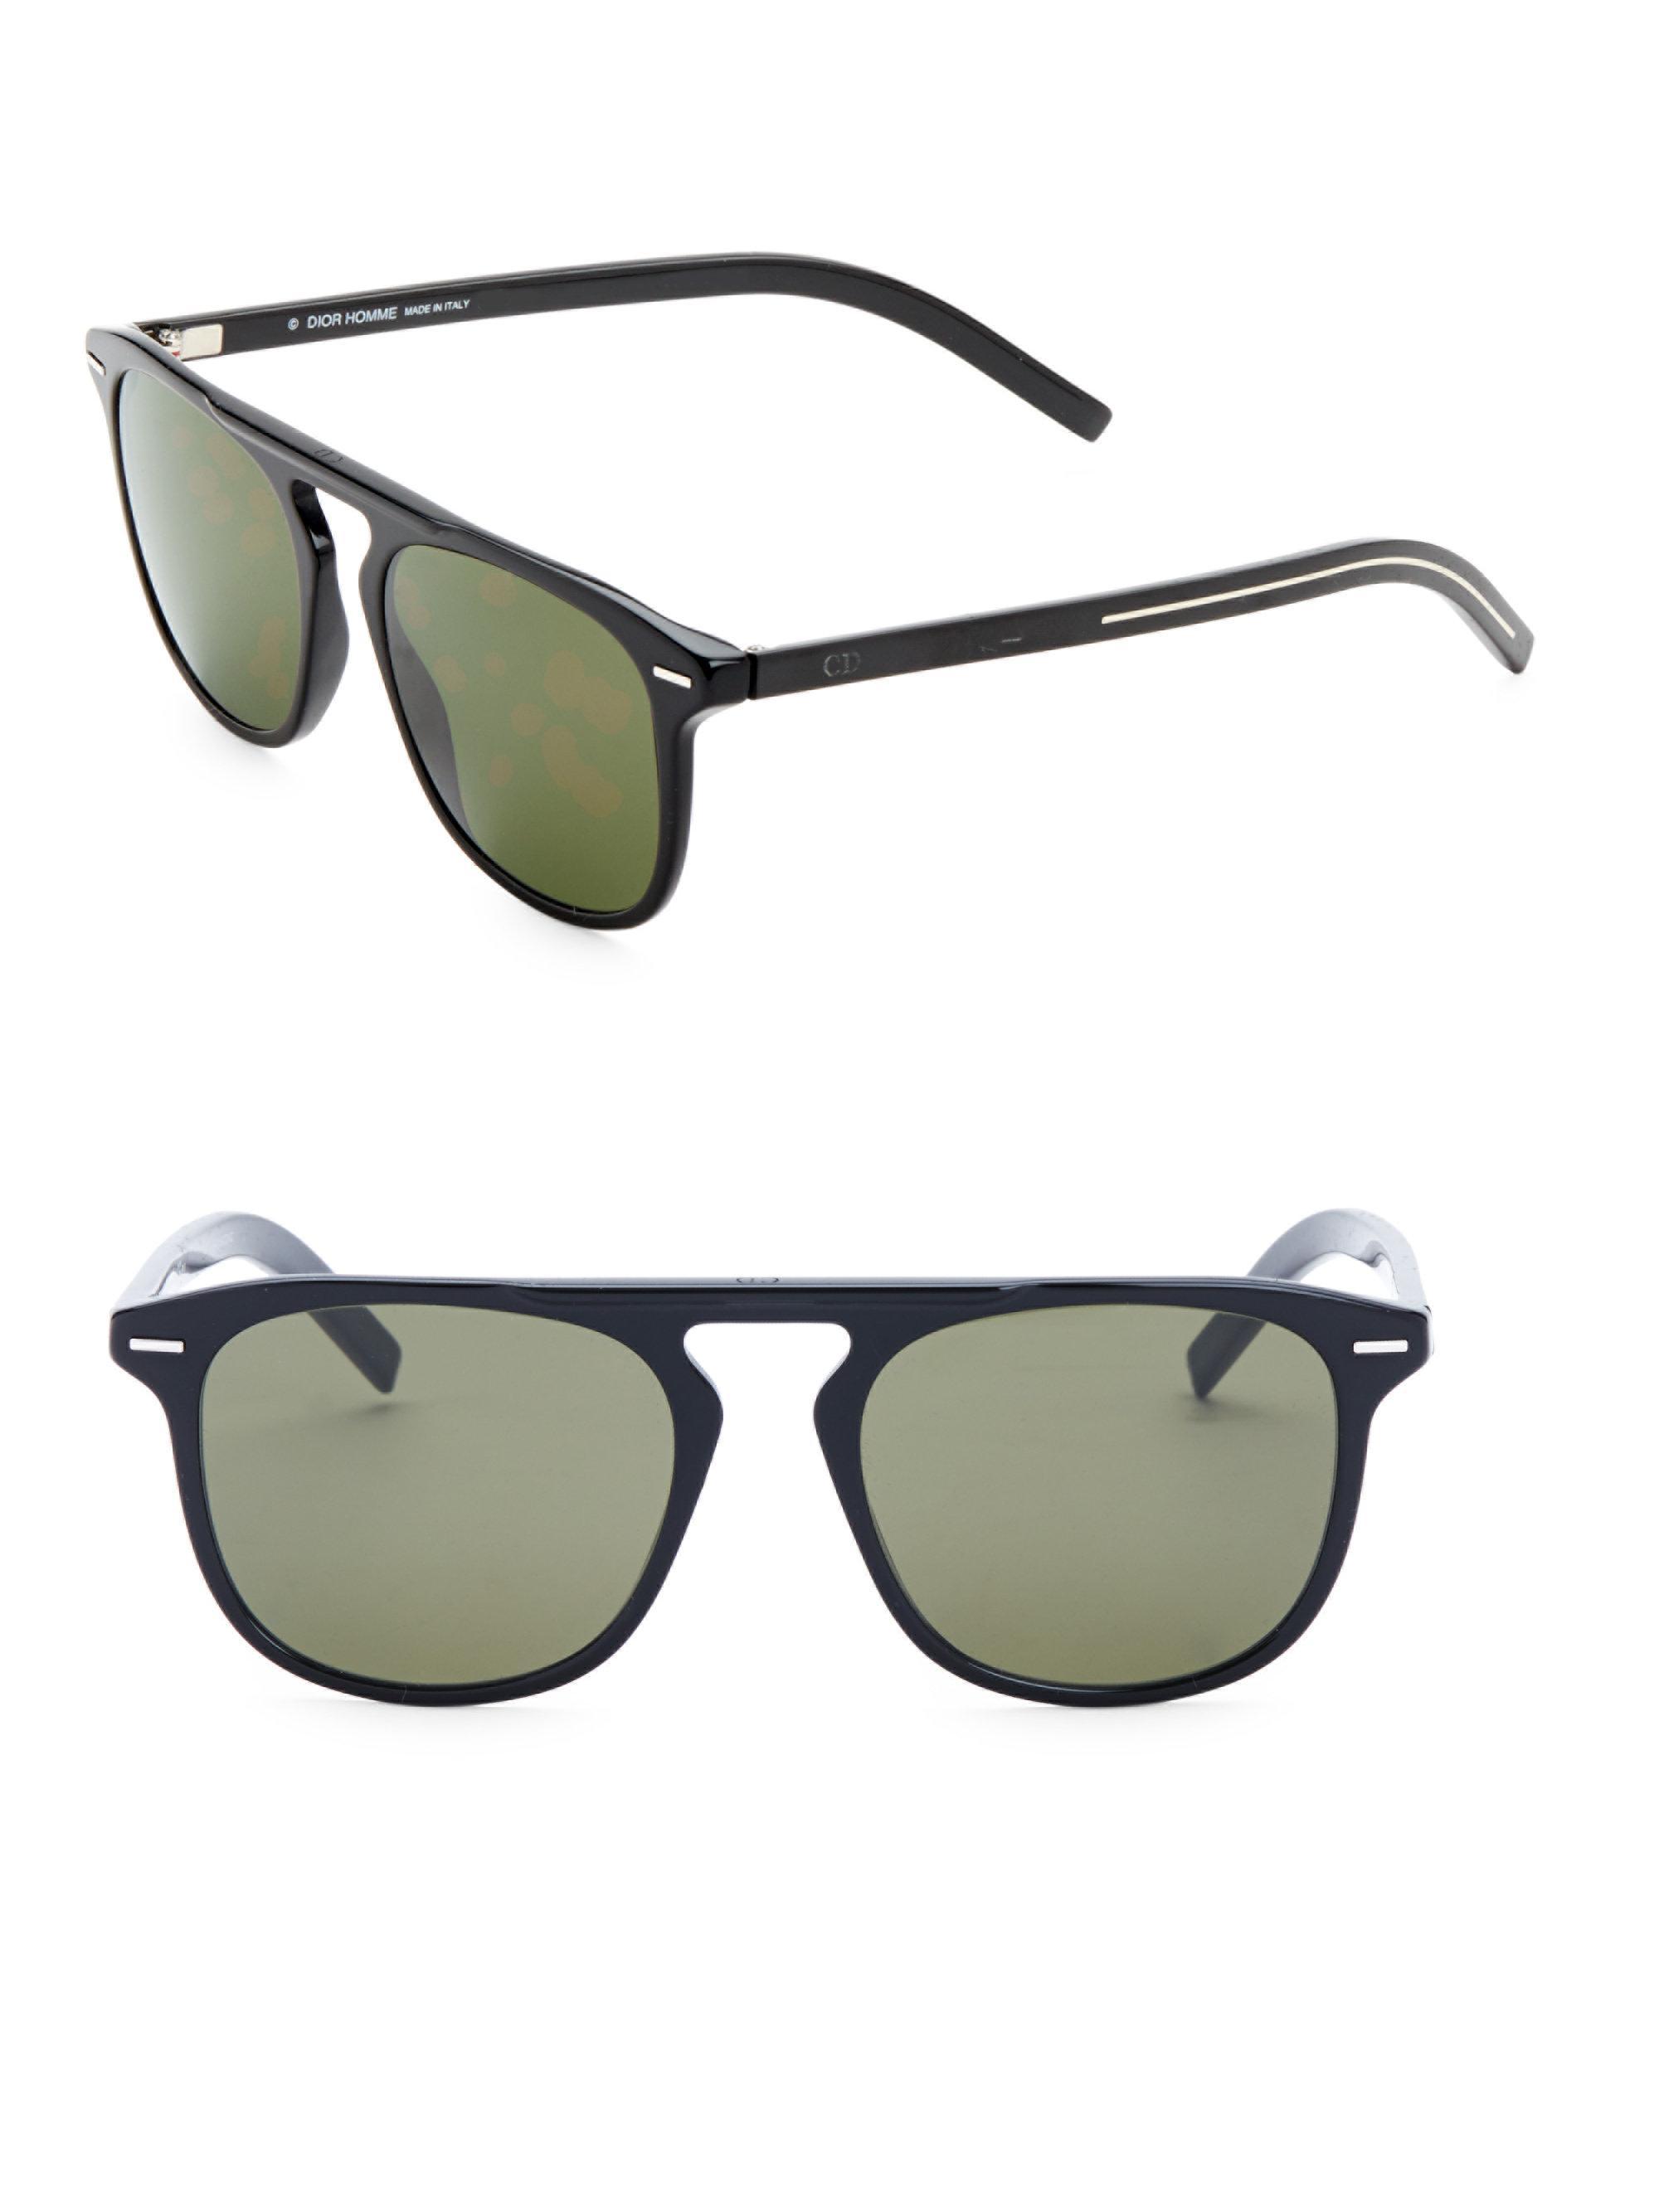 e1de7d1a4eb3e Dior Homme Black Tie 24 52mm Square Sunglasses in Green for Men - Lyst